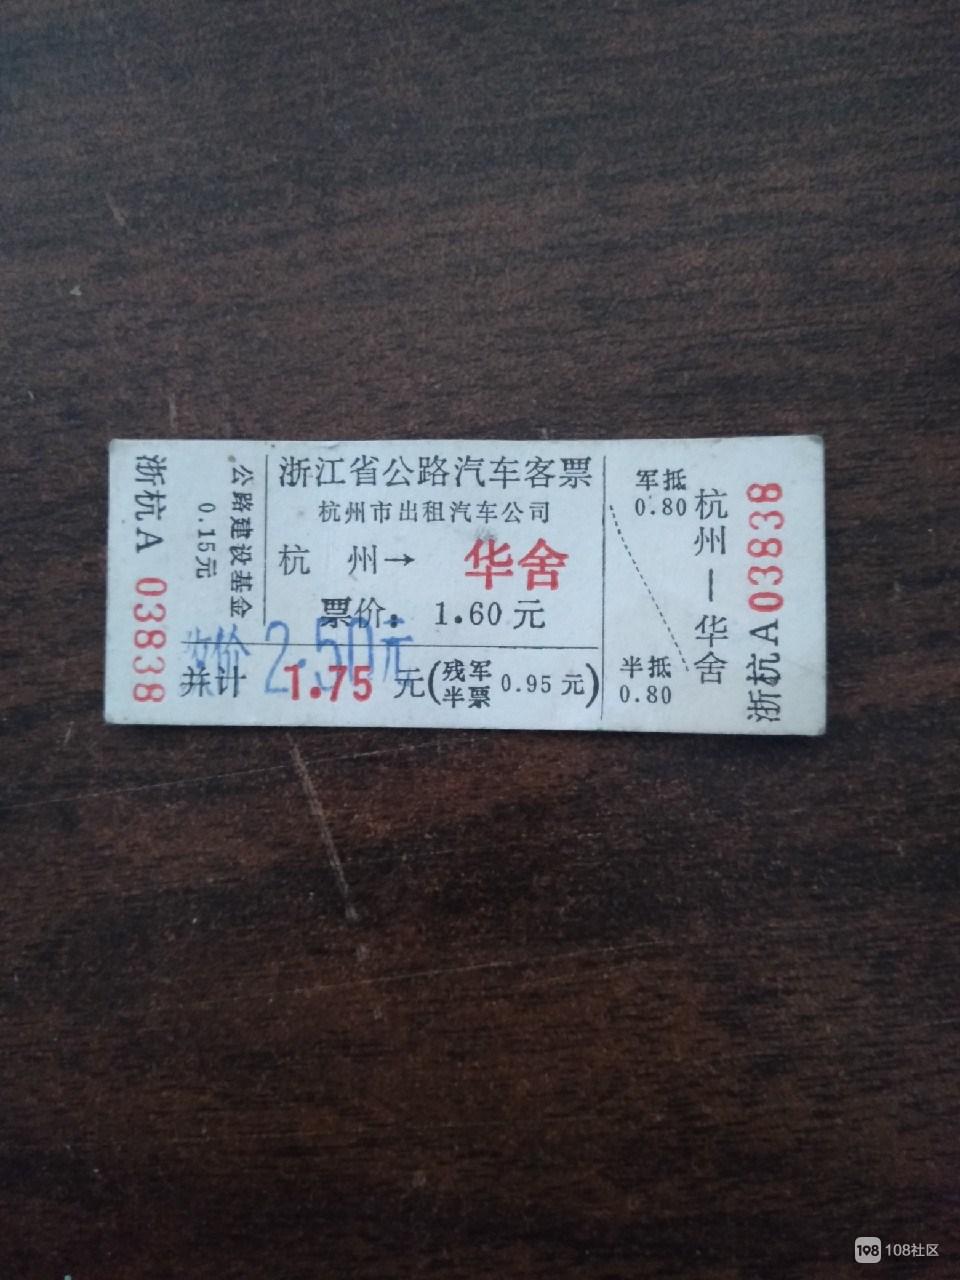 原来的汽车票,杭州到华舍只要一块七毛五分,太便宜了!